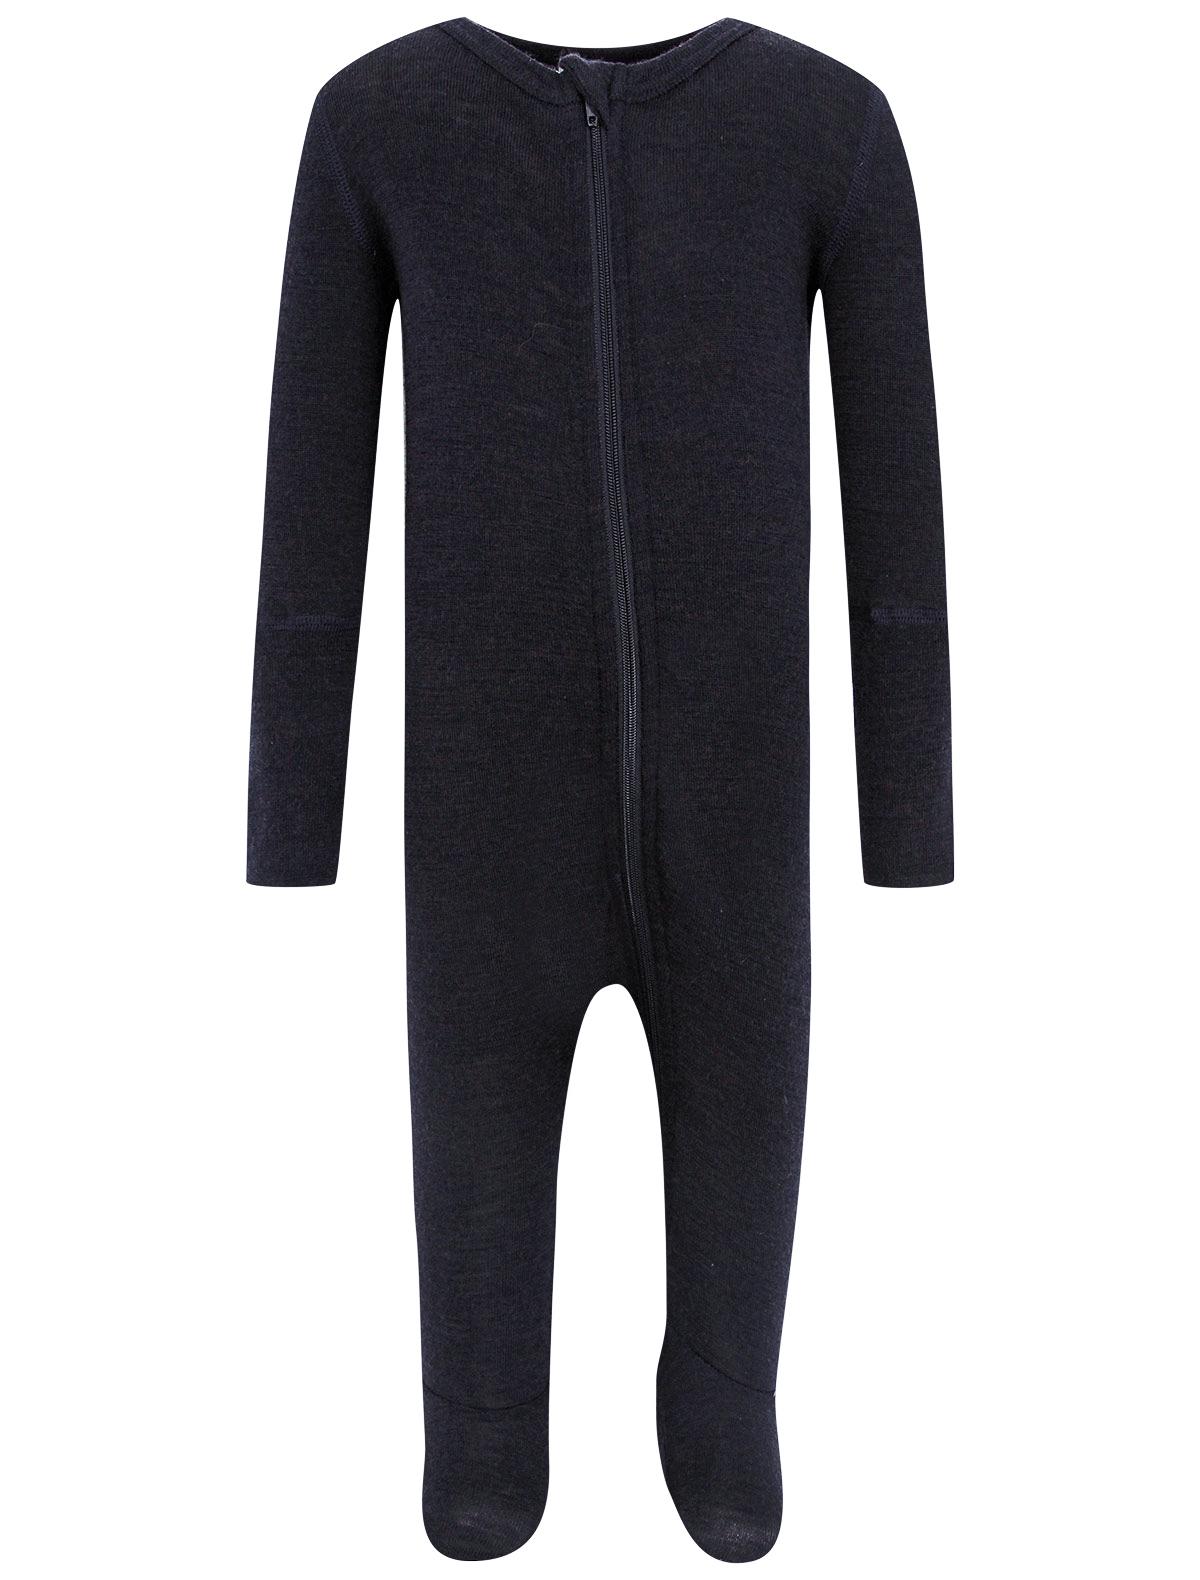 Купить 2145850, Комбинезон Air wool, синий, 1281429980015